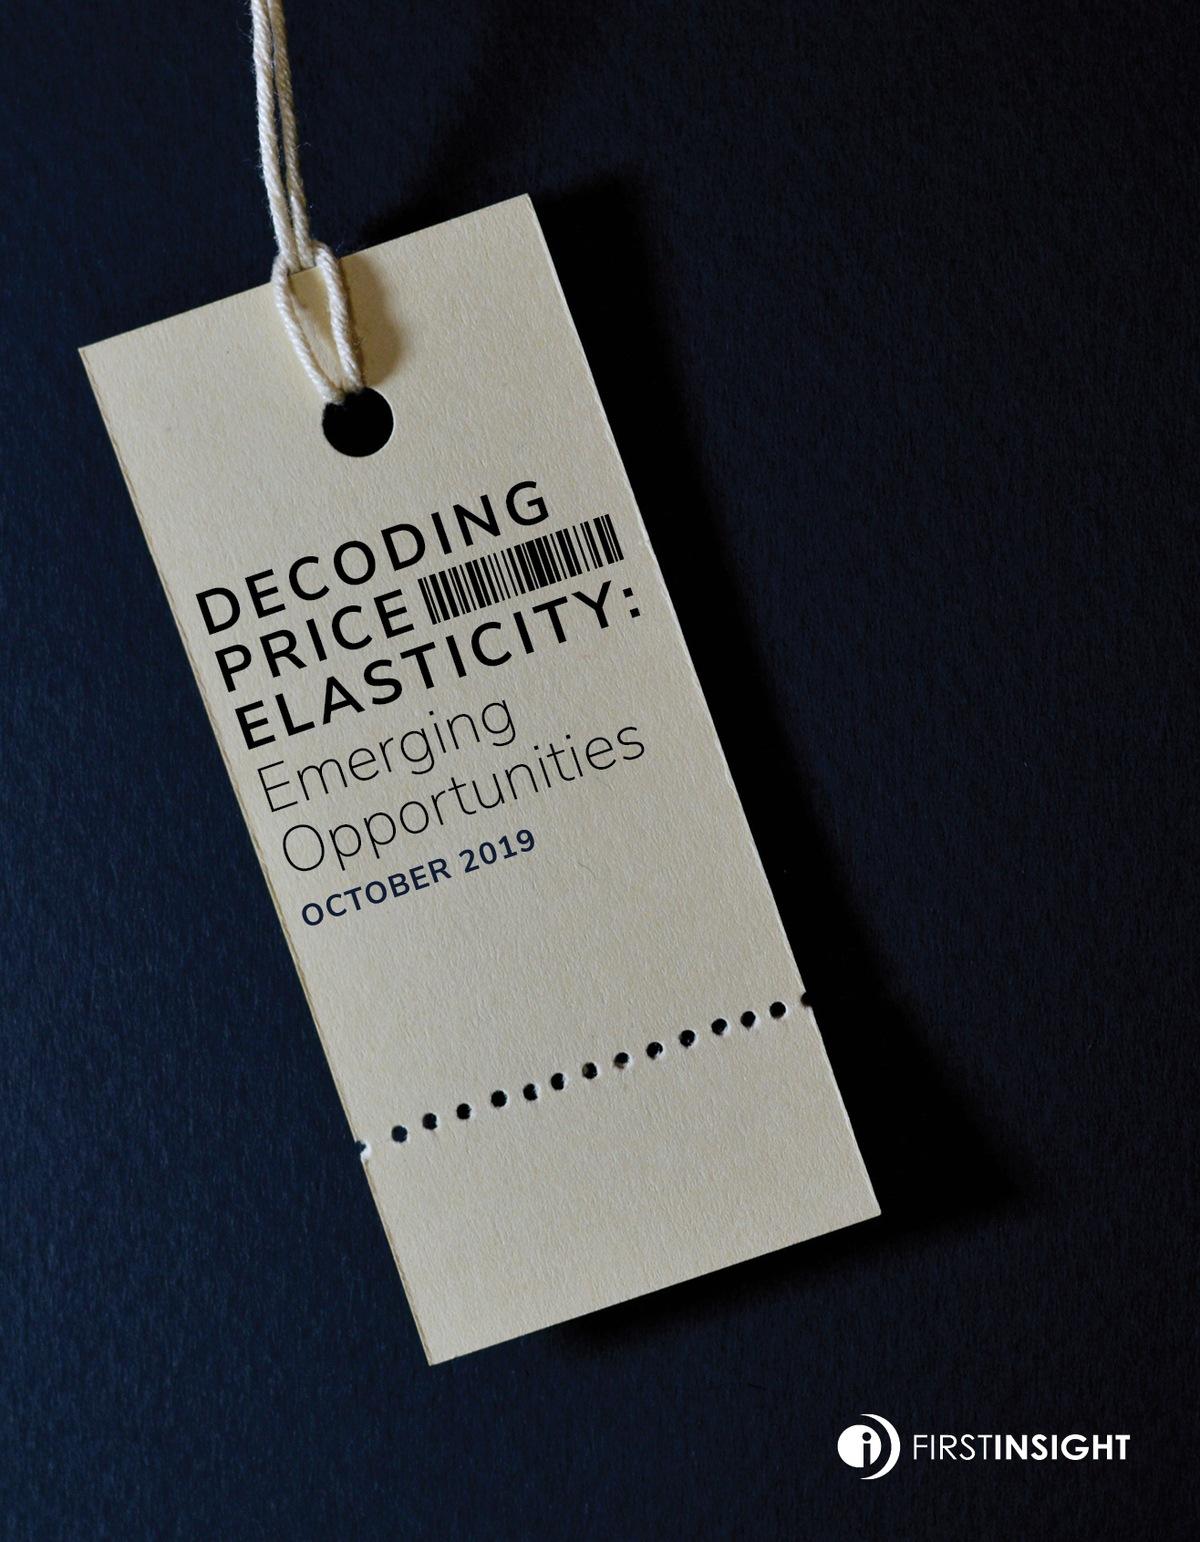 Decoding-Price-Elasticity-Report-SINGLE-1